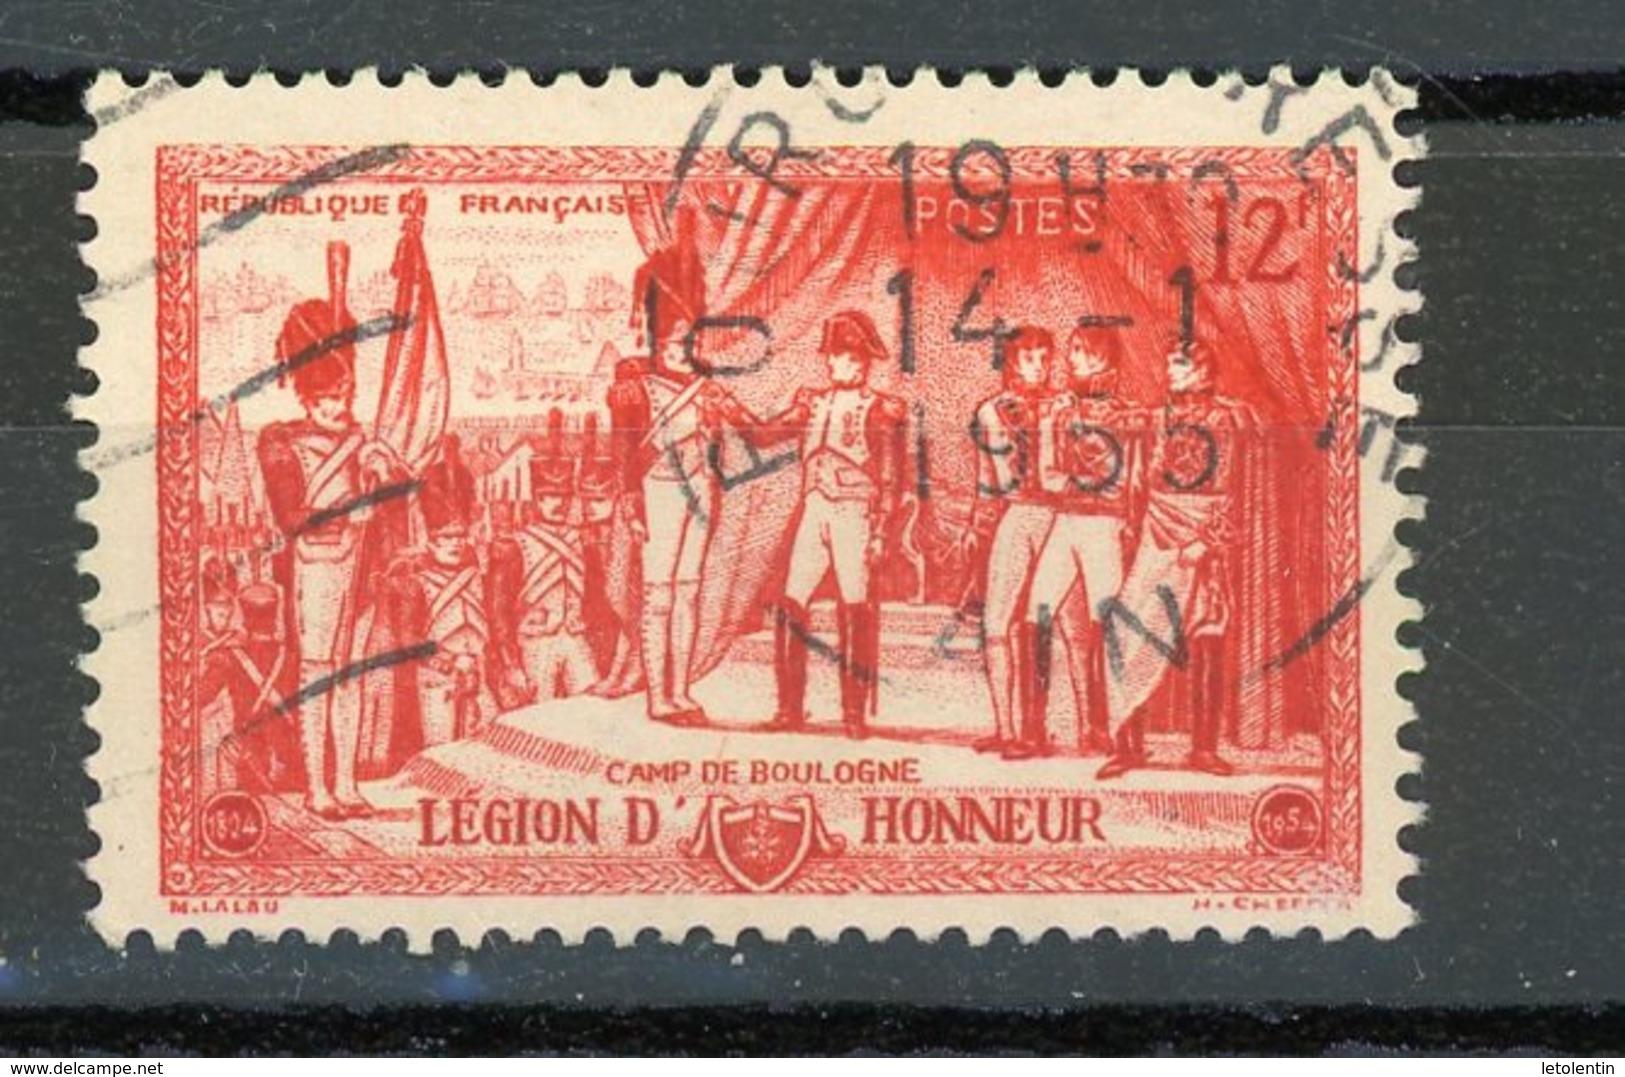 FRANCE - 150 ANS DE LA LEGION D'HONNEUR - N° Yvert 997 Obli. Ronde De BOURG EN BRESSE 1955 - France